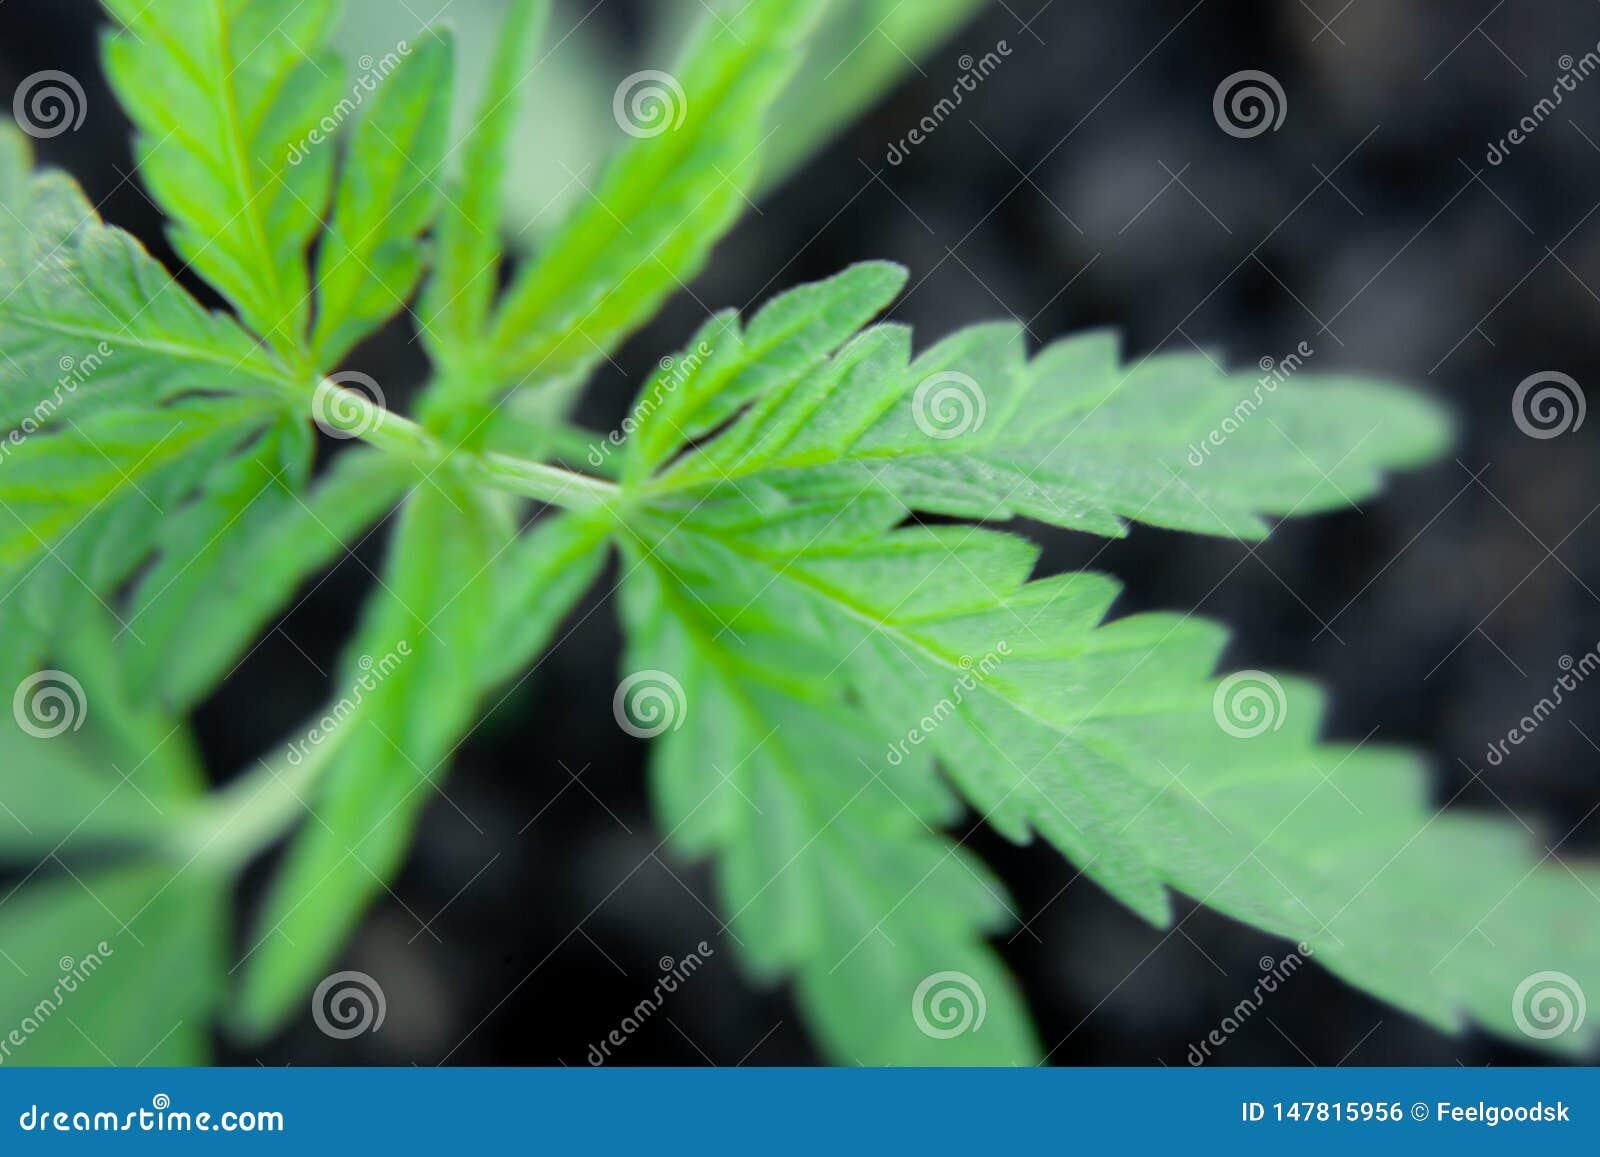 Tematowa fotografia legalizowa? ro?lina konopie Depresji THC techniczny cultivar bez lek warto?ci Marihuany rozsada, kultywuj?ca